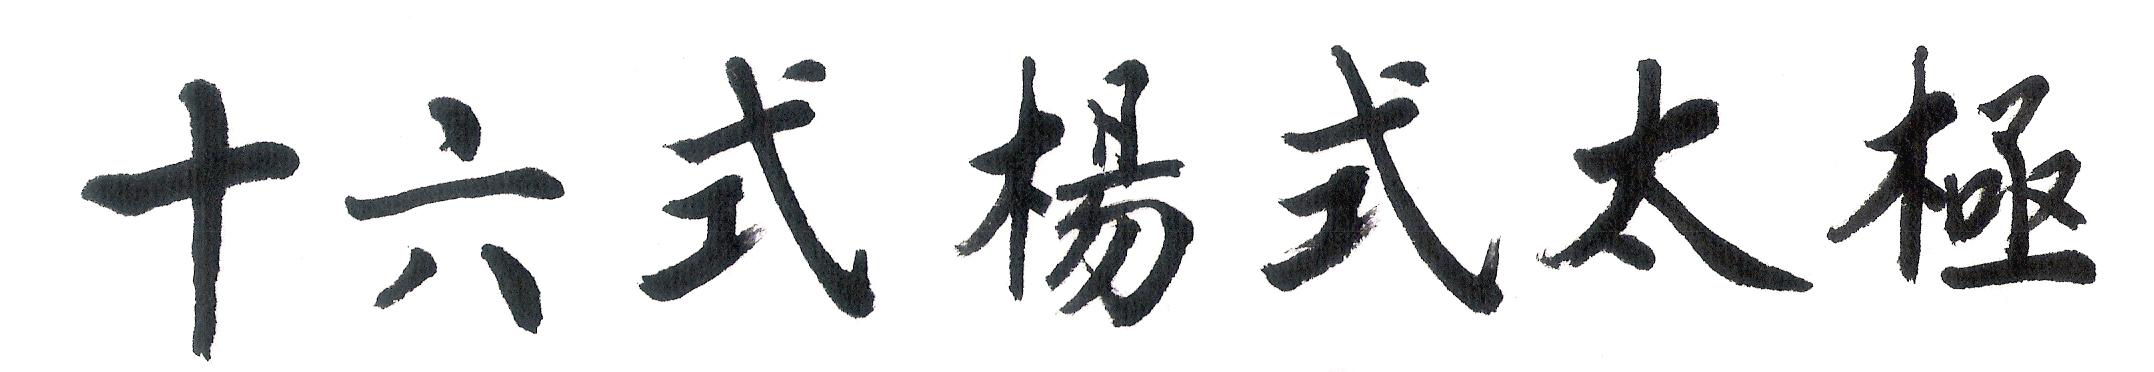 Yang Style Taiji 16 Forms